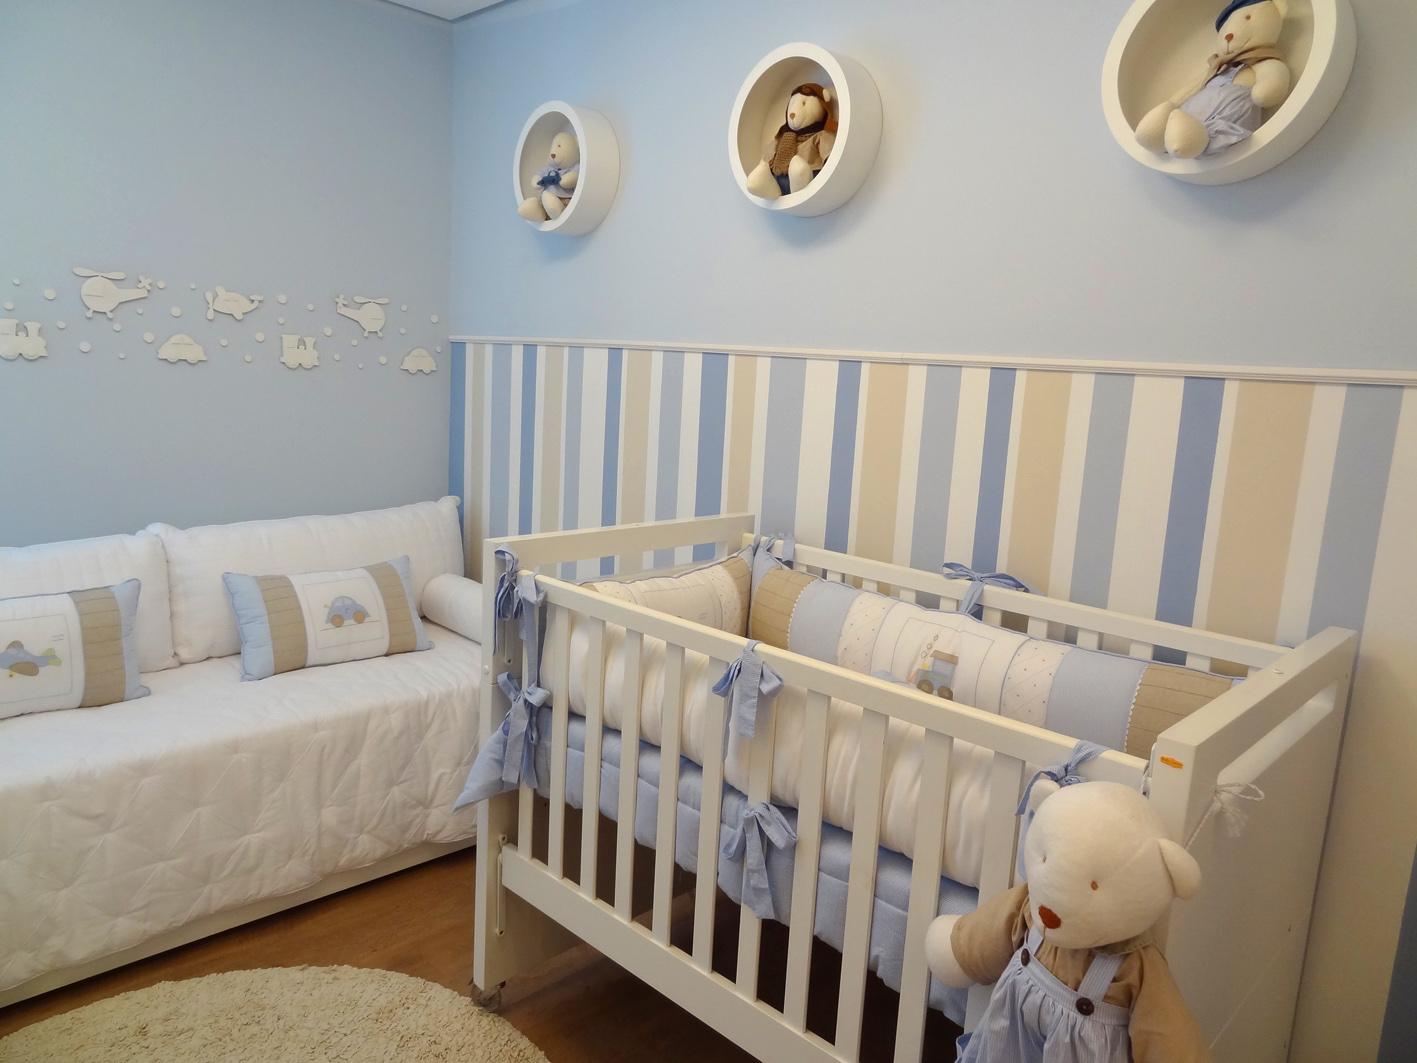 Tapete Para Quarto De Bebe Masculino Redival Com ~ Quarto Azul Marinho E Branco E Montar O Quarto Do Bebe